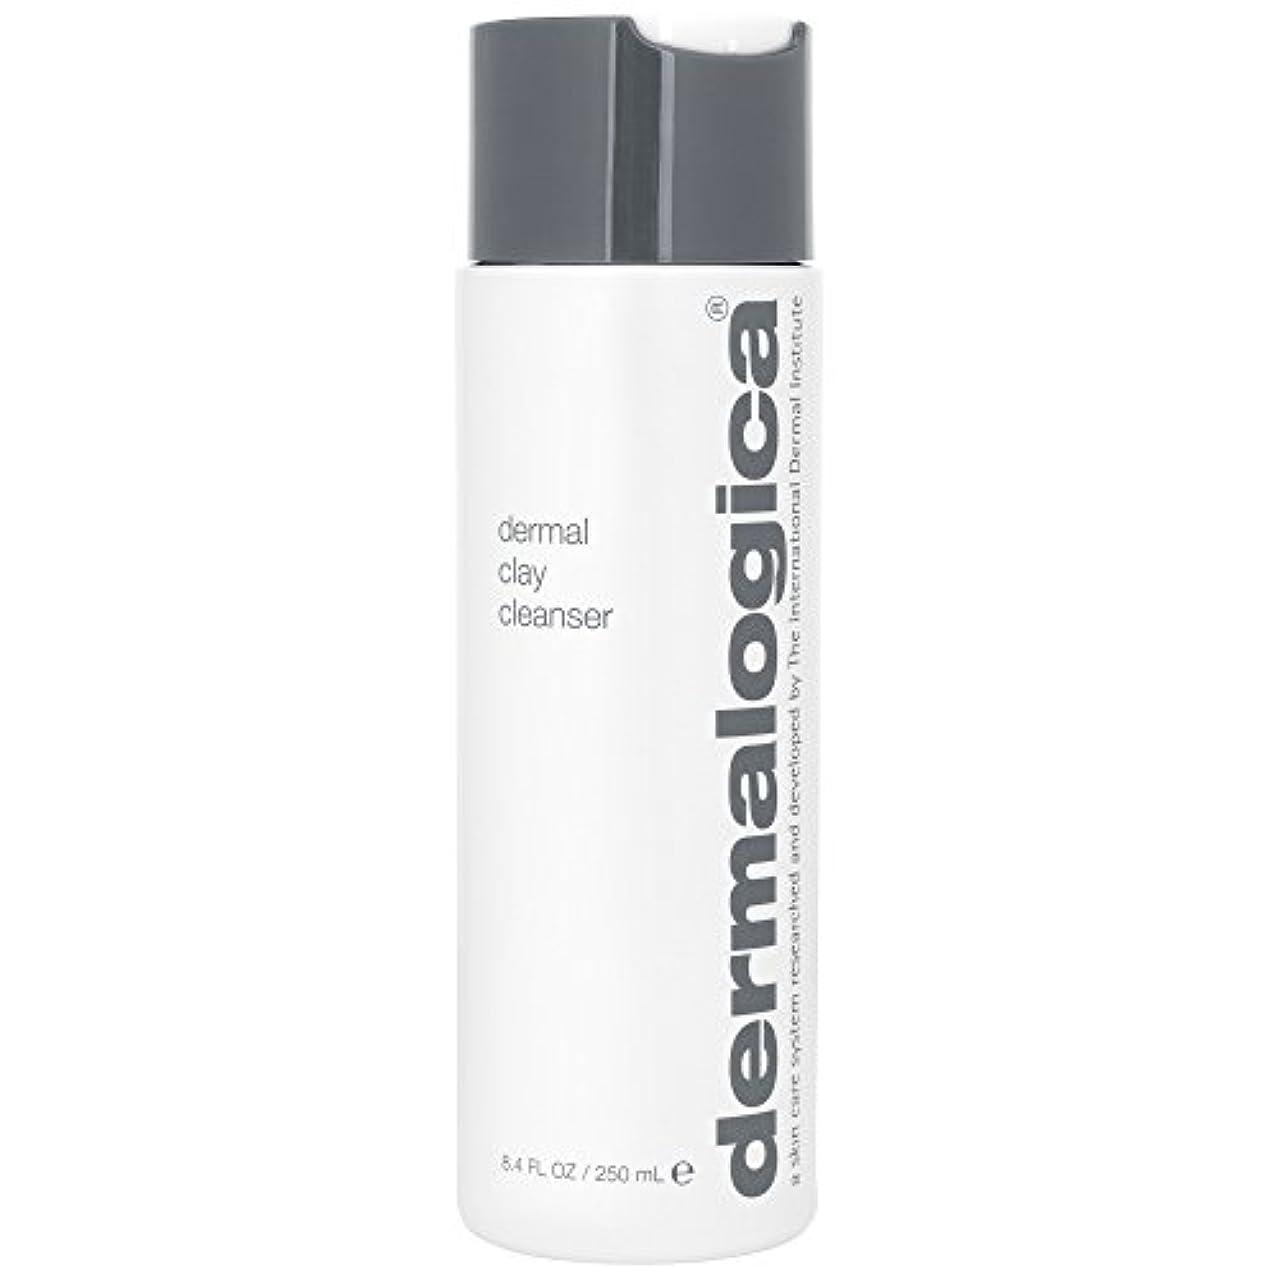 独占ターゲットシェルターダーマロジカ真皮クレイクレンザー250ミリリットル (Dermalogica) (x6) - Dermalogica Dermal Clay Cleanser 250ml (Pack of 6) [並行輸入品]